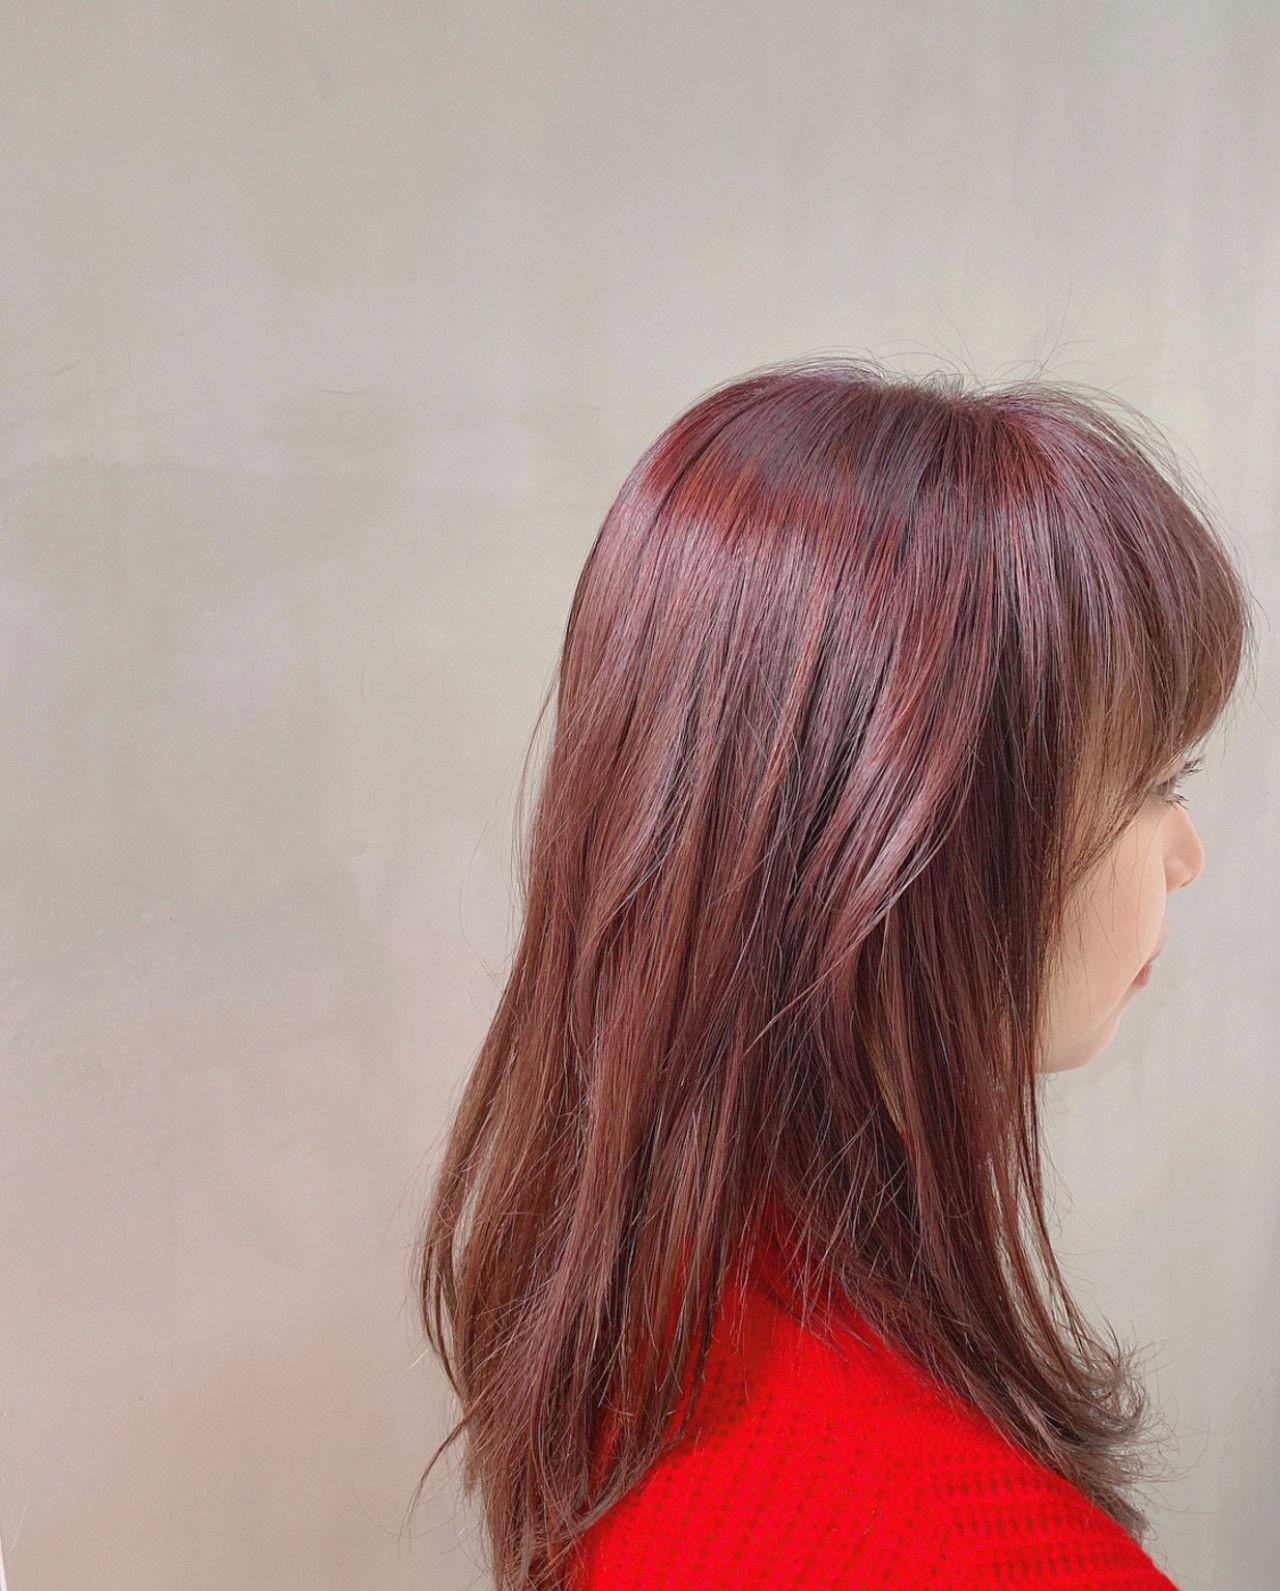 ブリーチなしでも発色キレイ ピンクベージュカラー特集 Hair